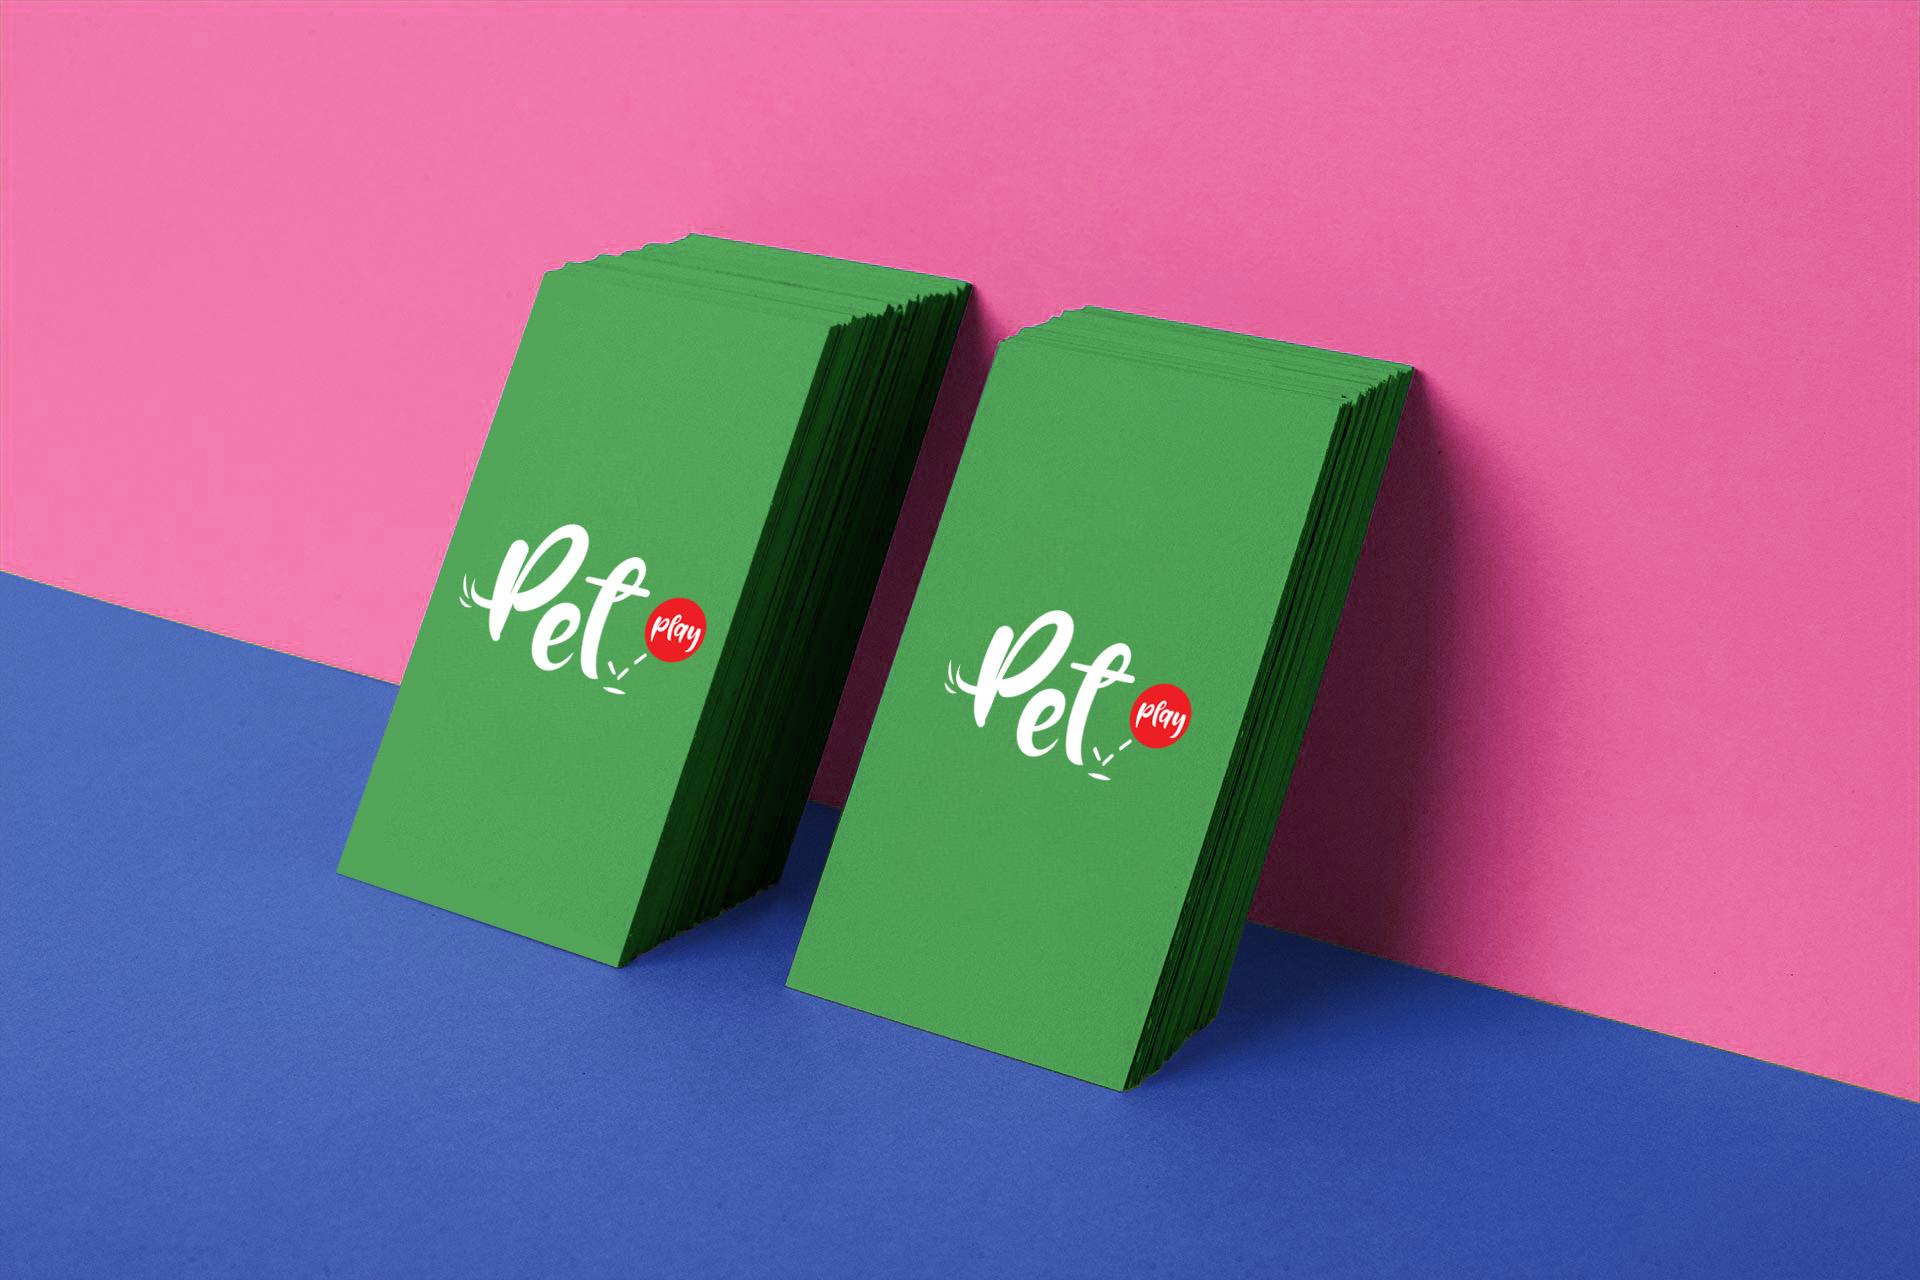 Pet play card